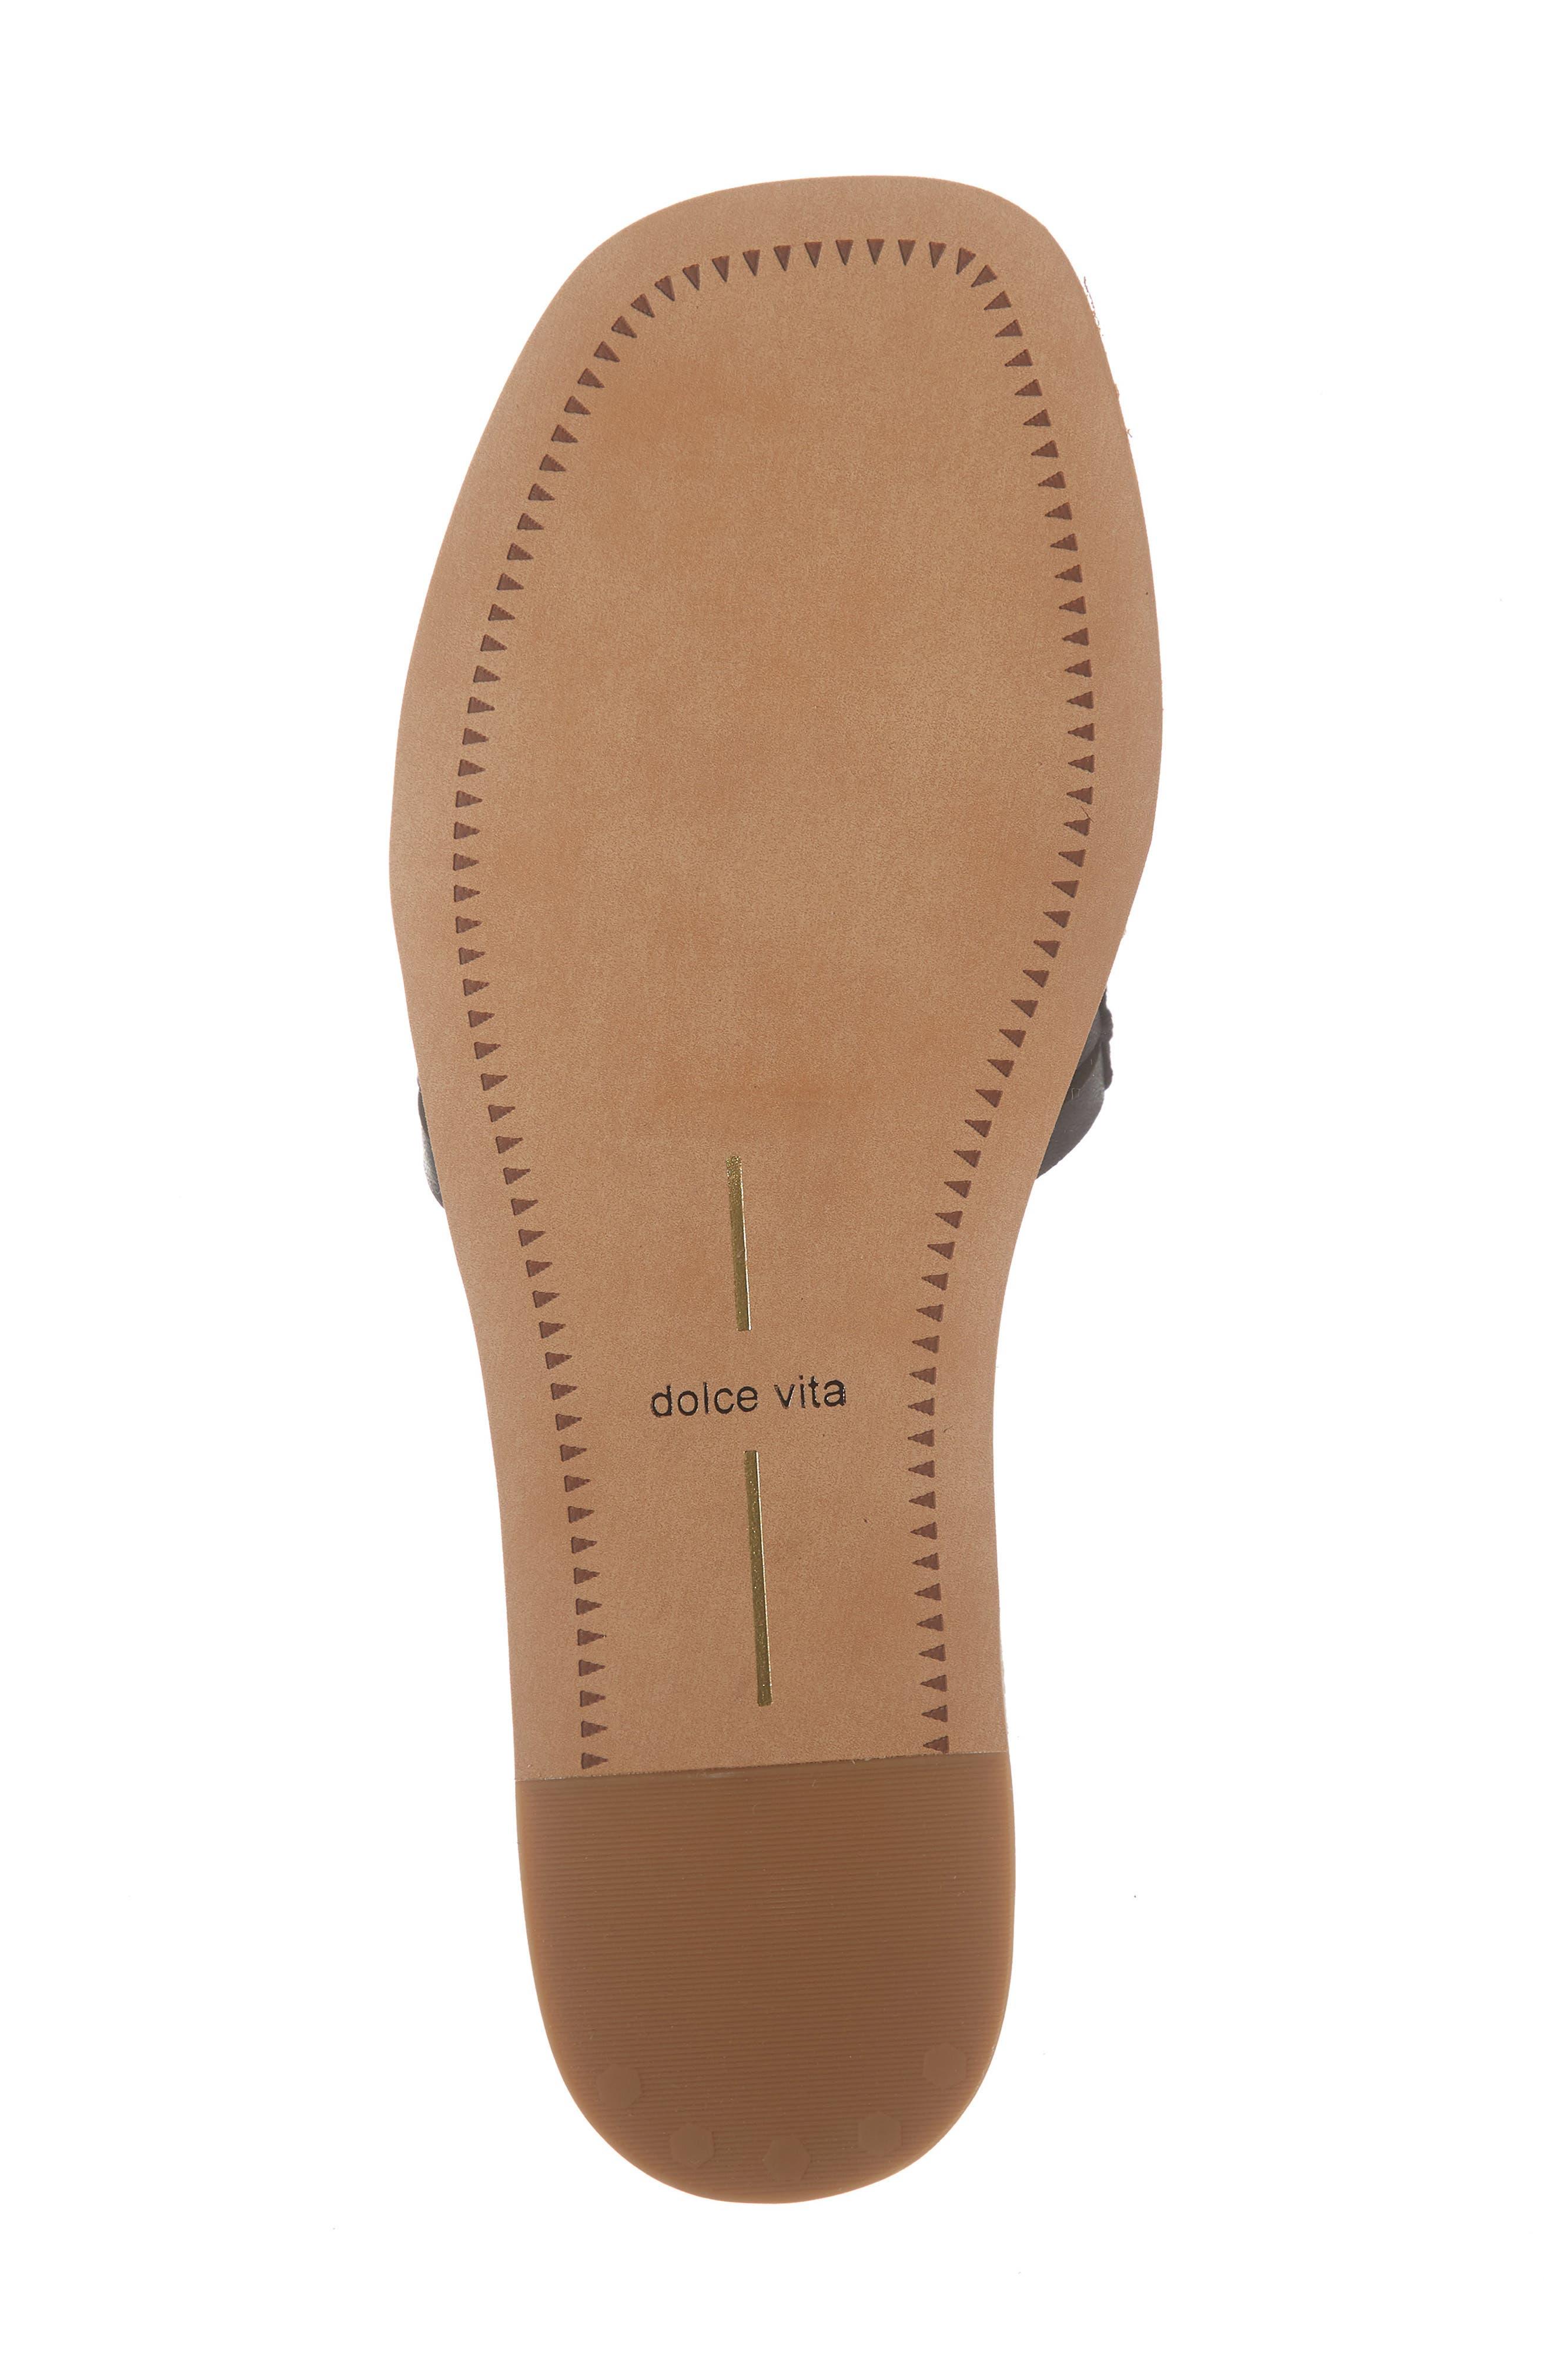 DOLCE VITA, Colsen Slide Sandal, Alternate thumbnail 6, color, BLACK LEATHER